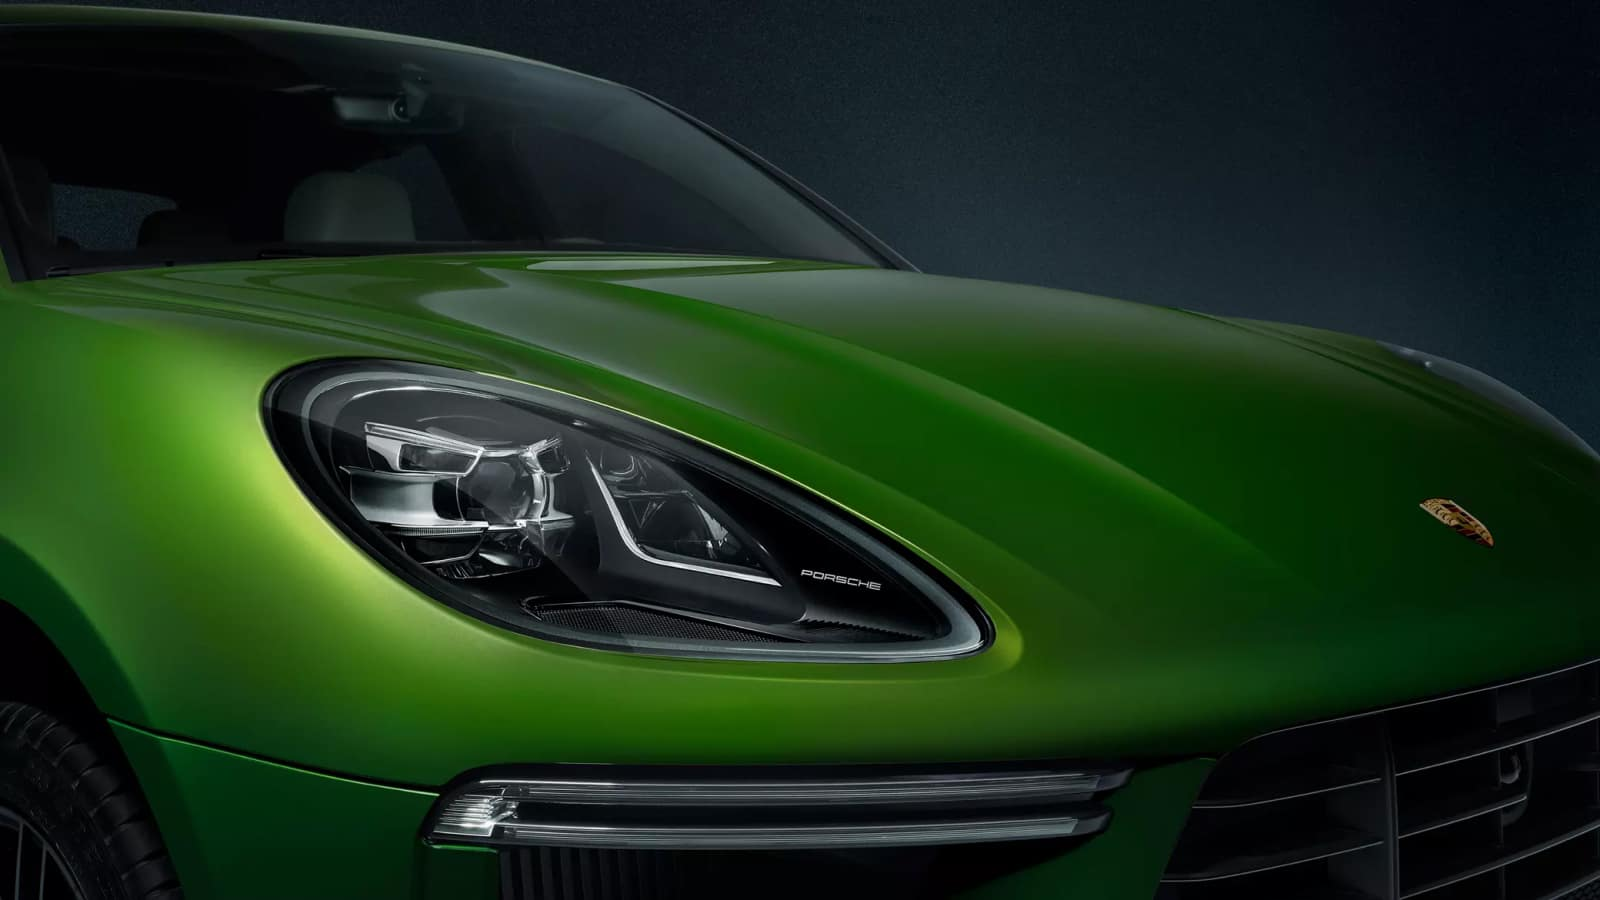 2020 Porsche Macan Exterior